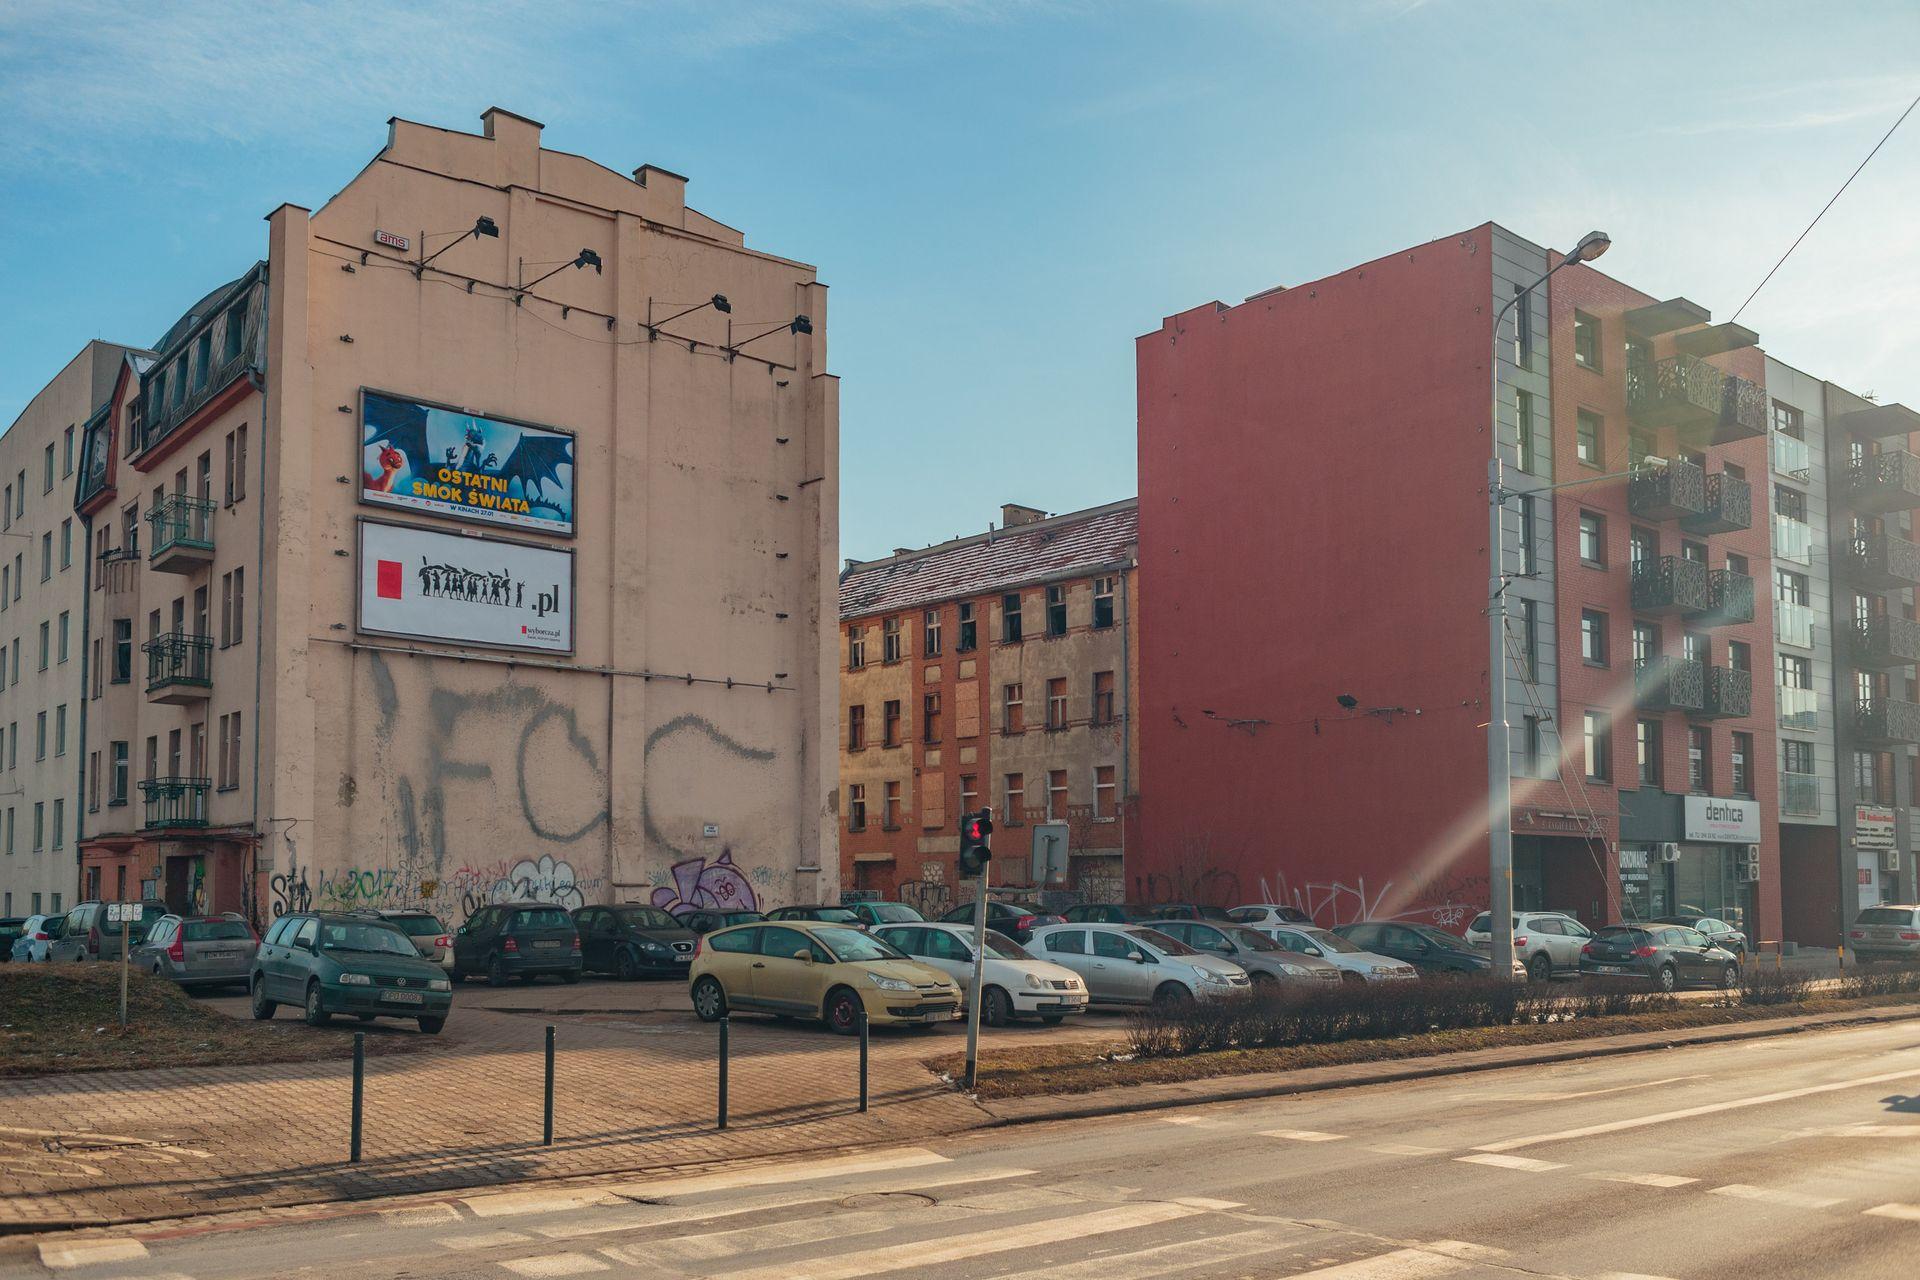 [Wrocław] Nowa inwestycja na Kępie Mieszczańskiej. Odnowią kamienicę i zbudują apartamenty